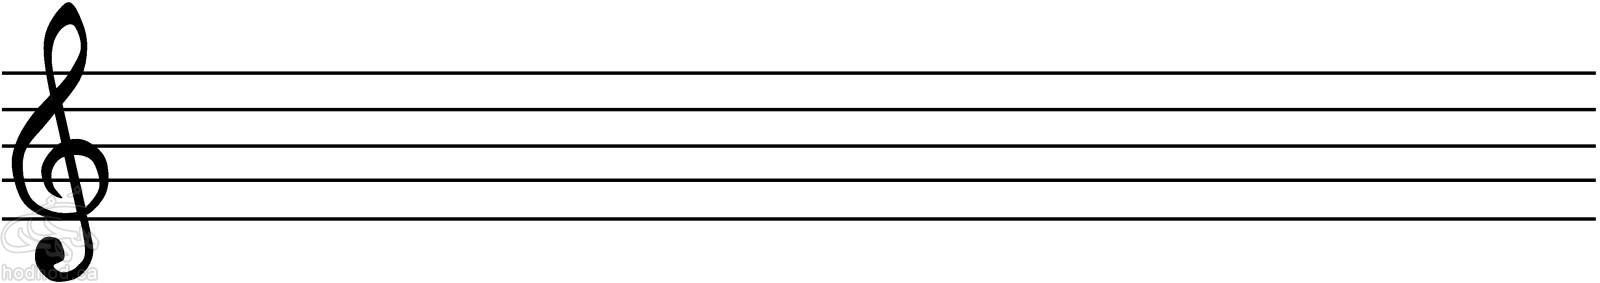 sol-key